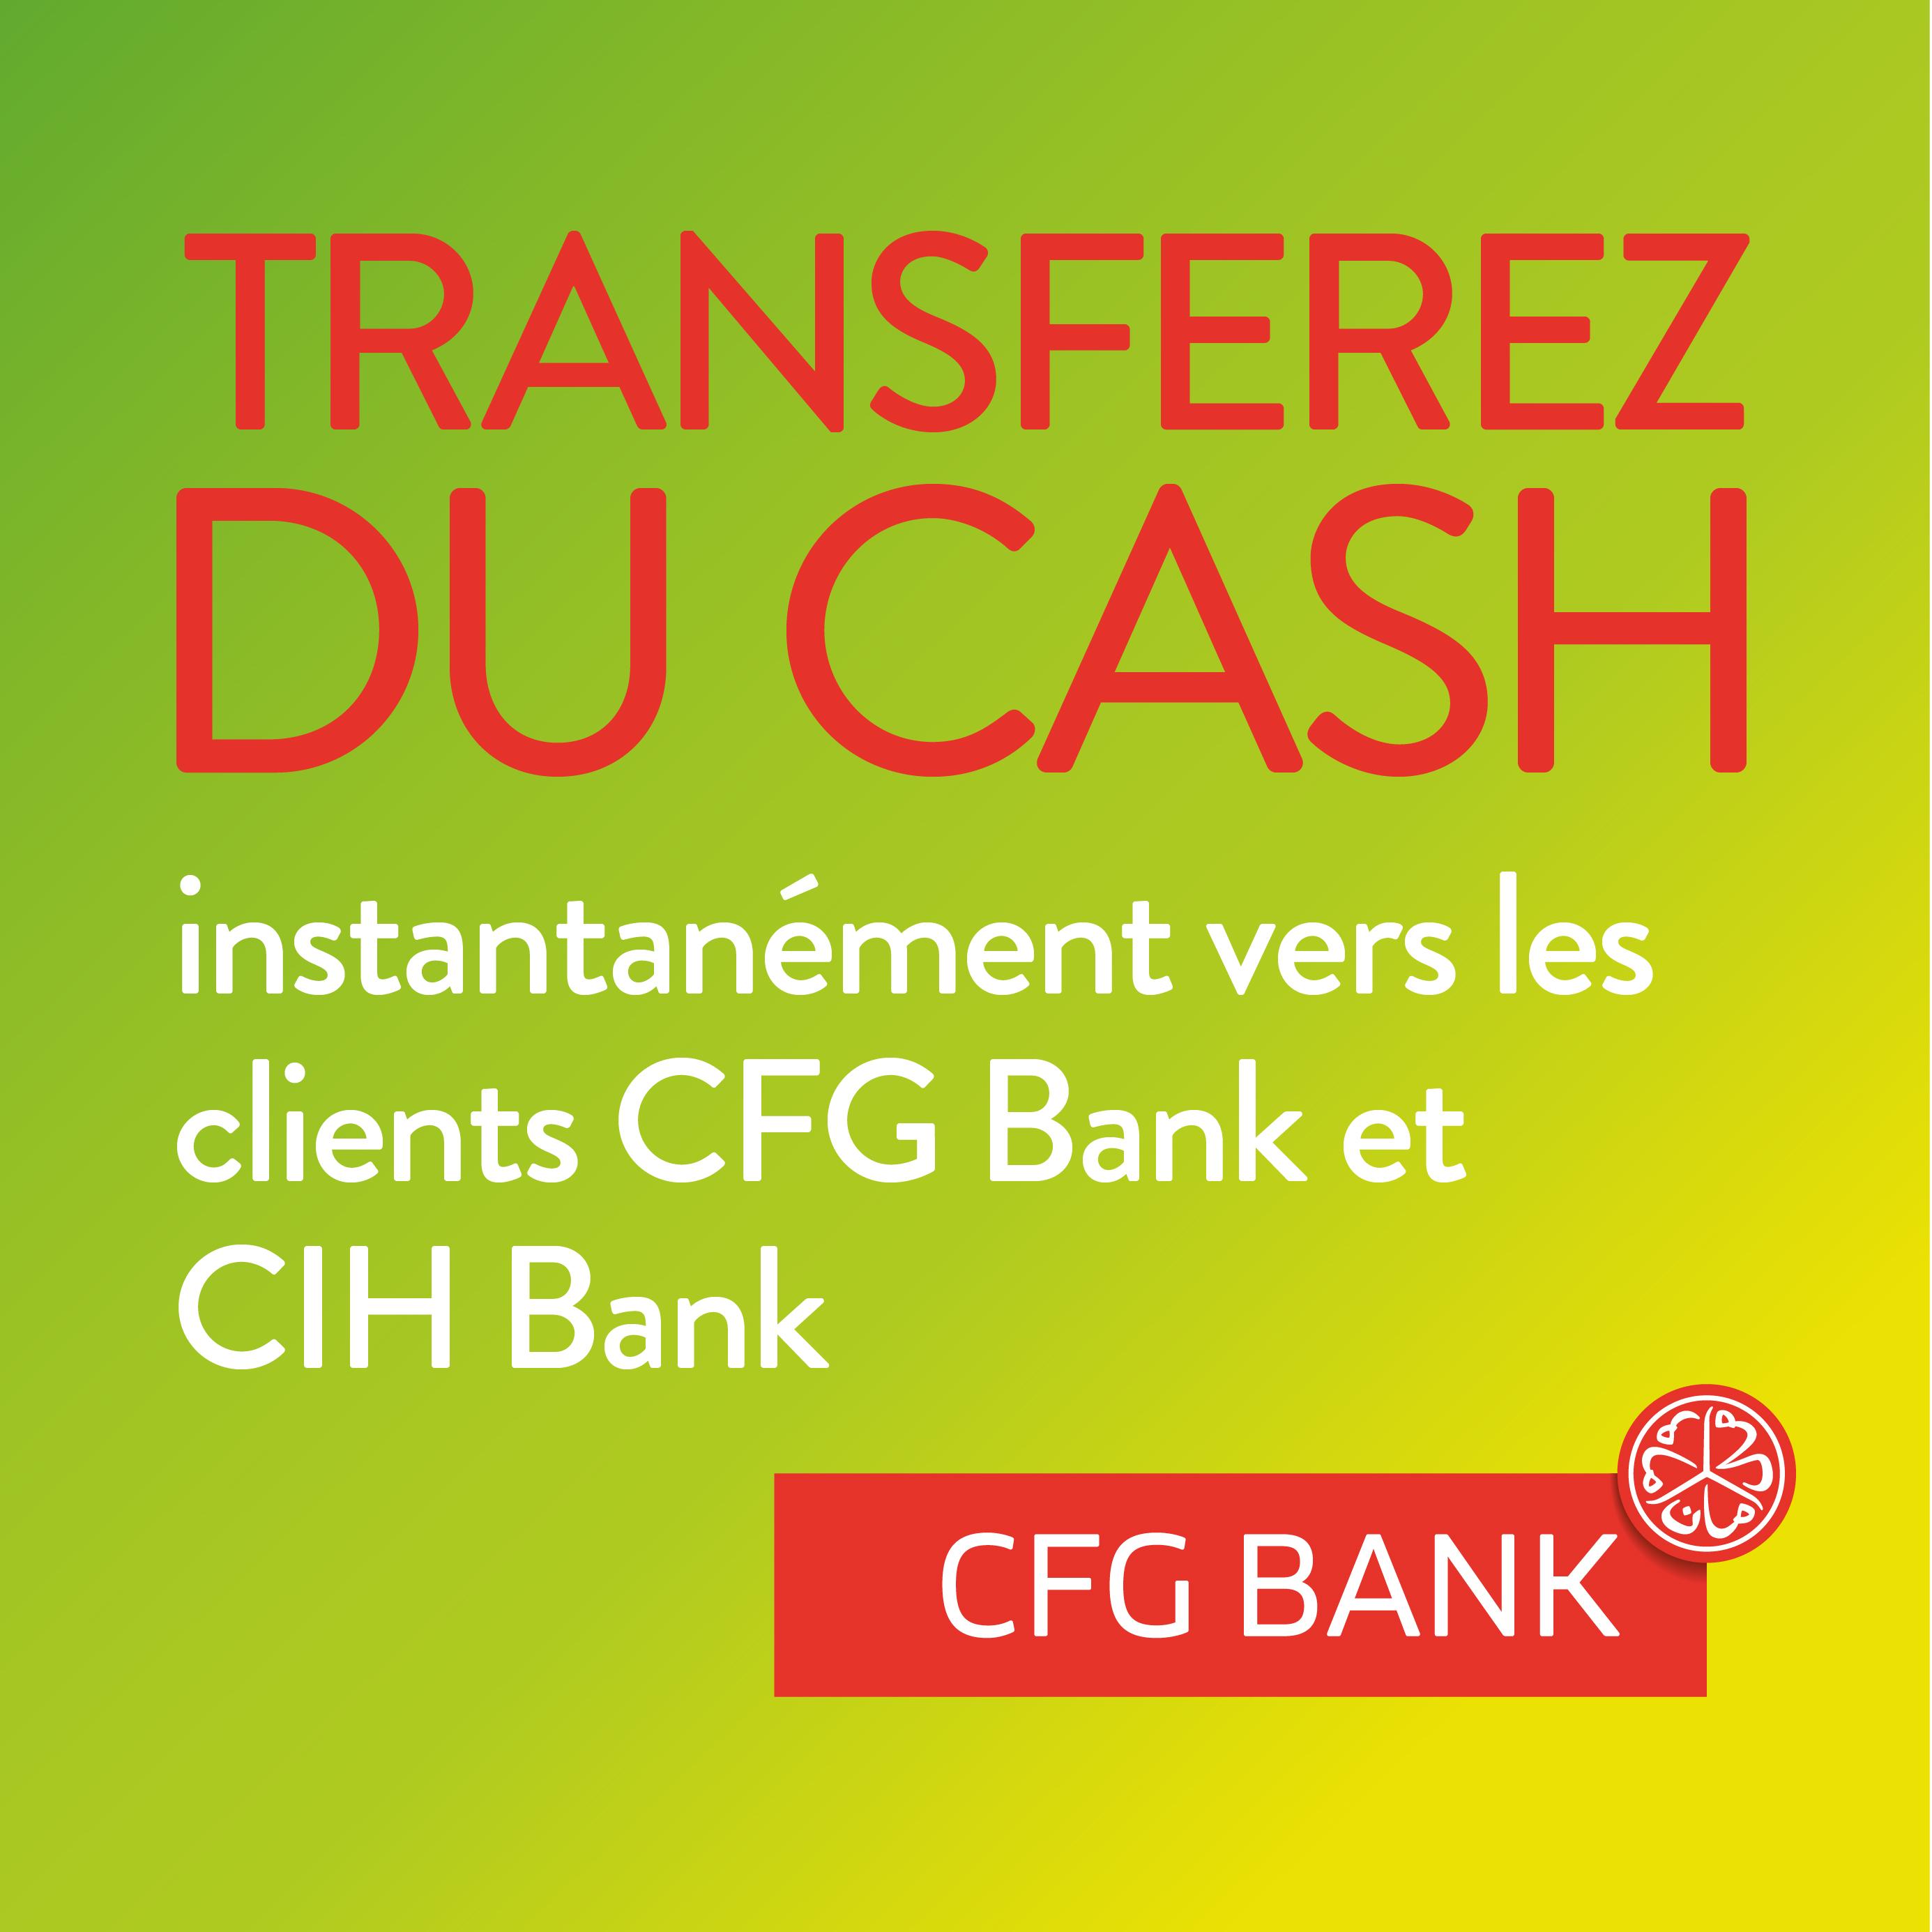 TRANSFEREZ DU CASH - CLIENTS CIH